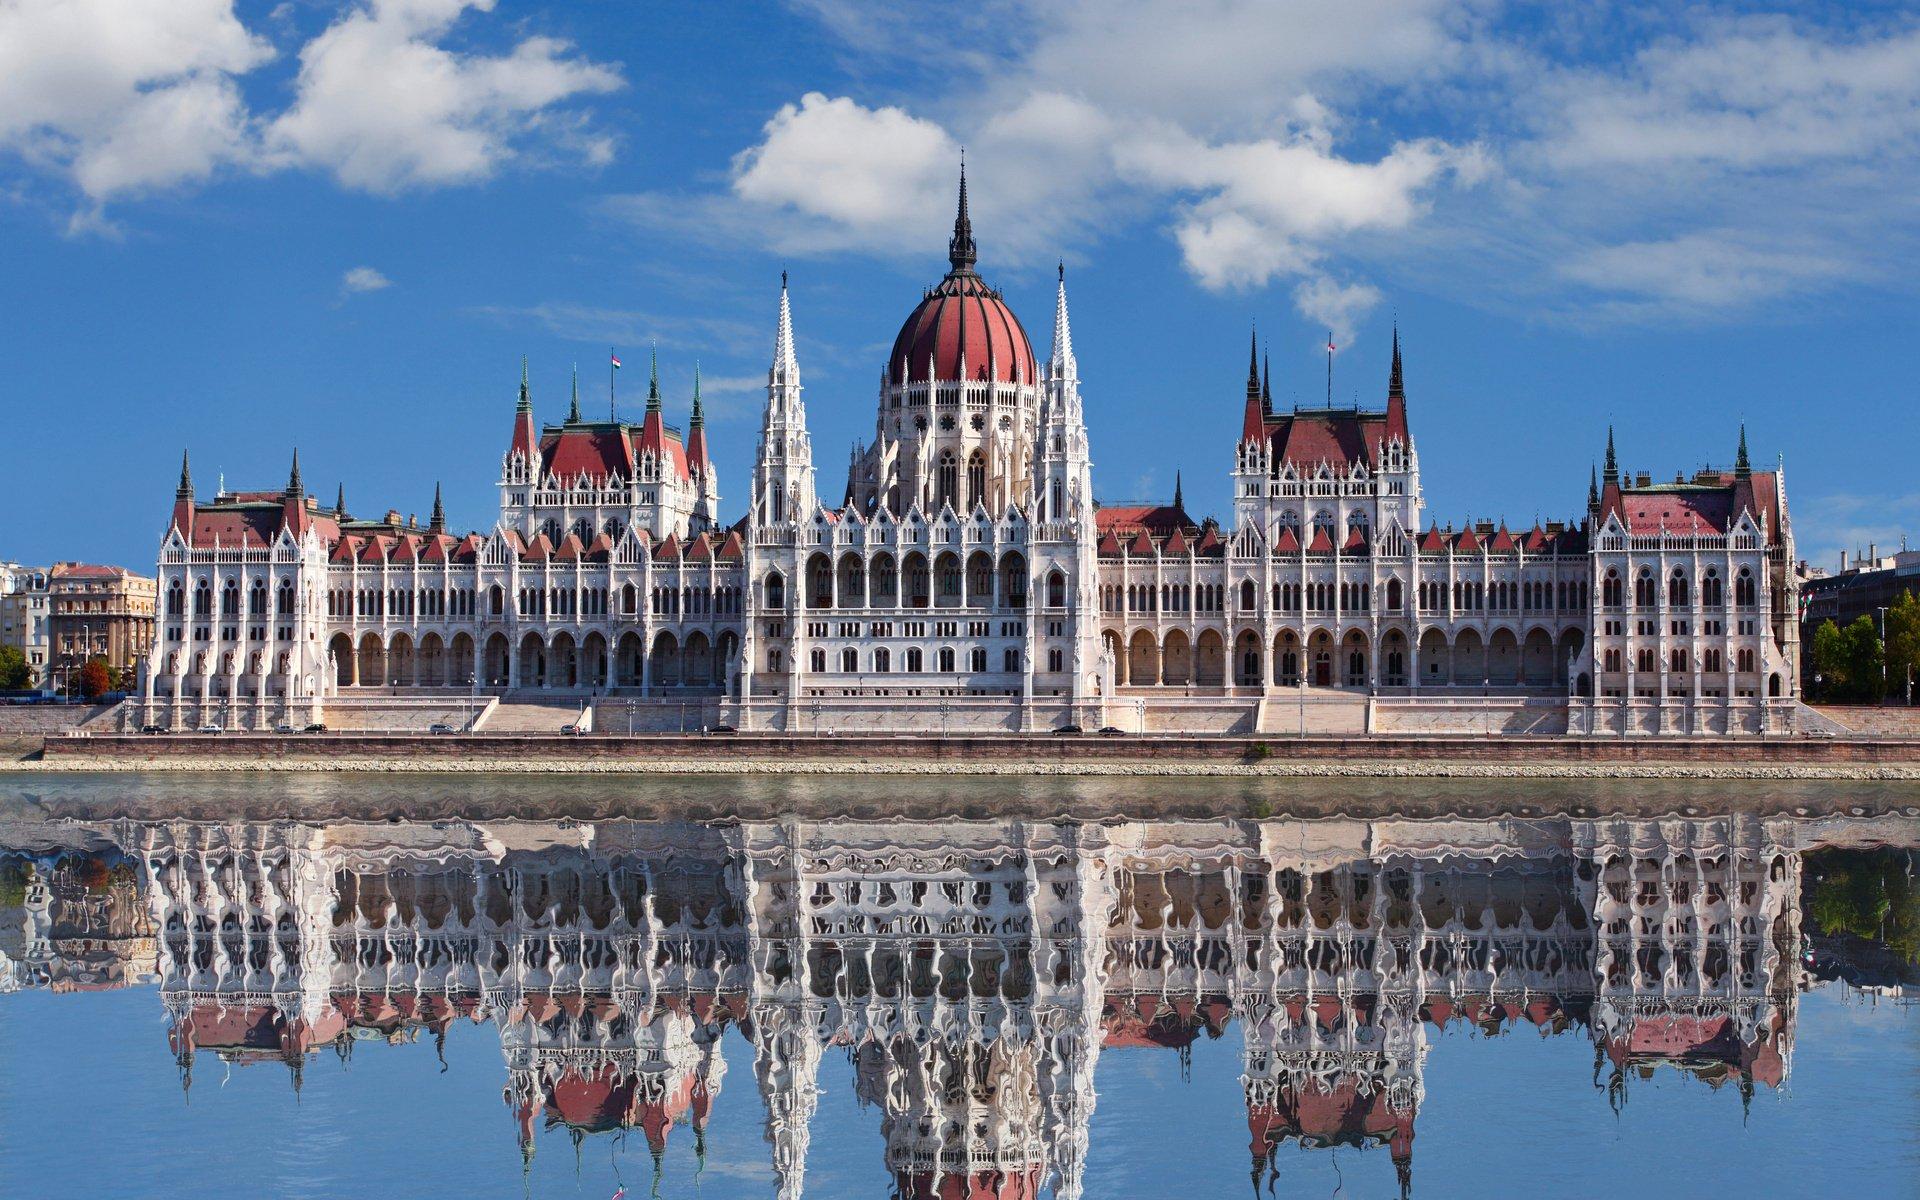 Здание Парламента Венгрии (Будапешт, Венгрия)